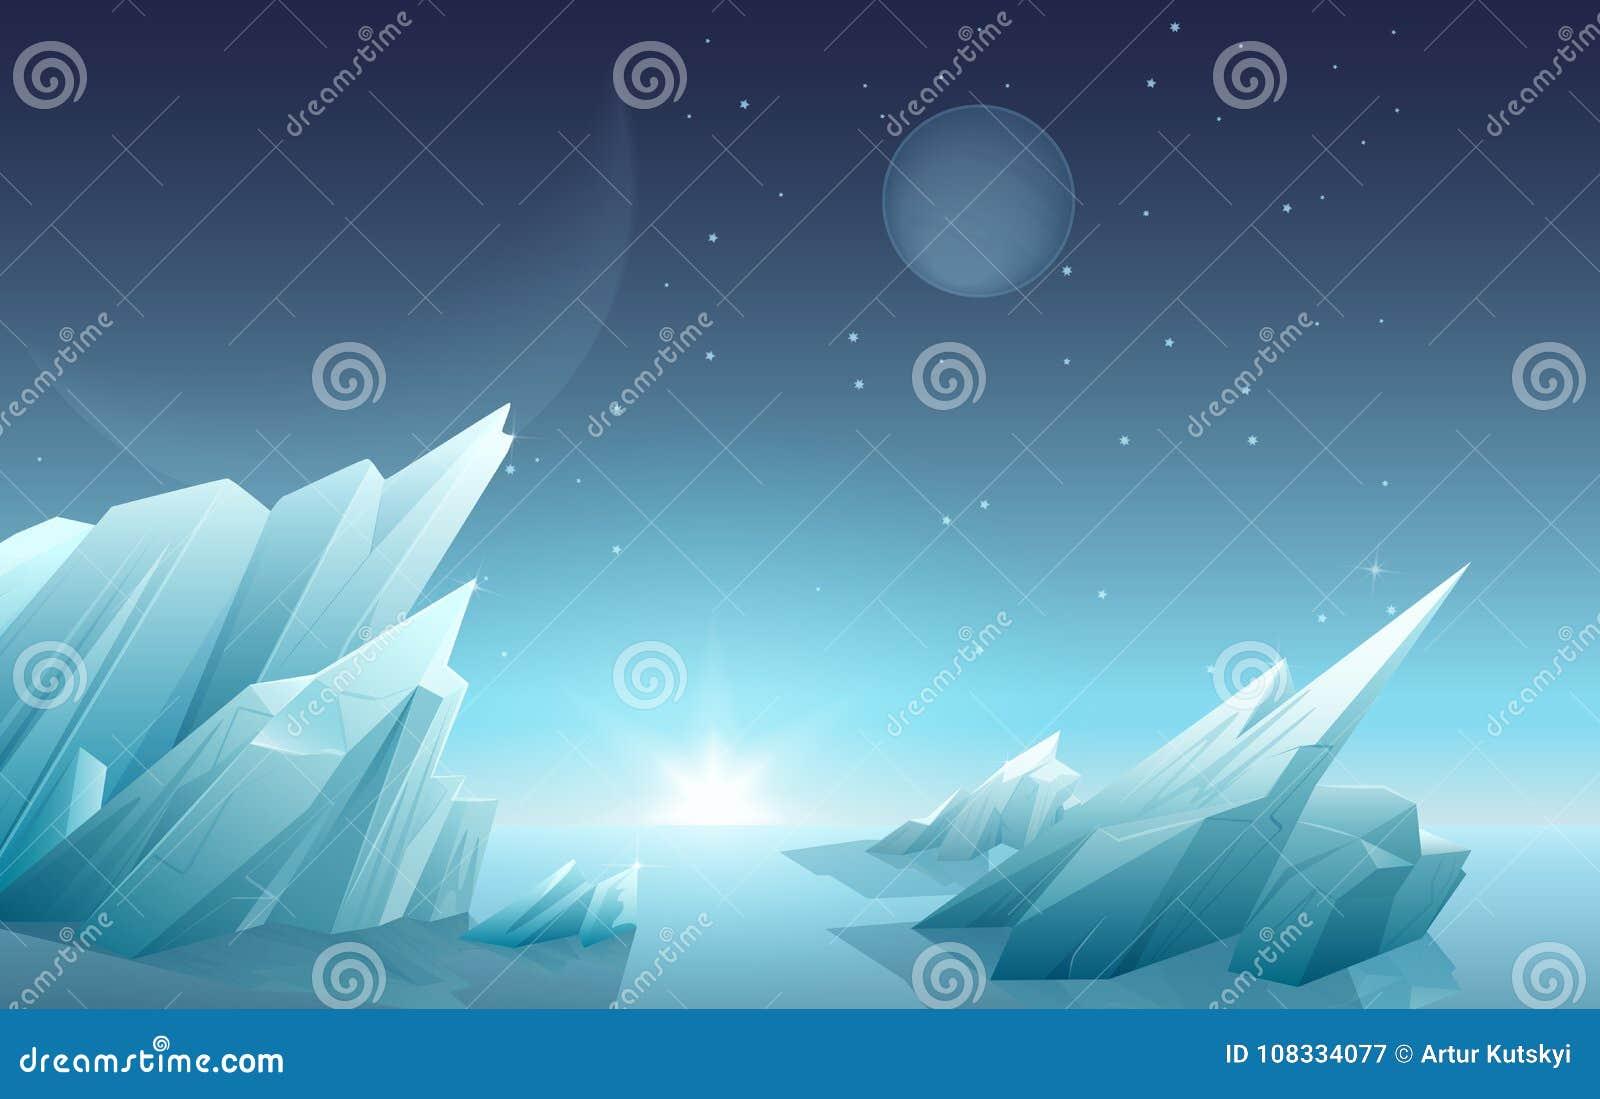 O nascer do sol em uma outra paisagem estrangeira do planeta com gelo balança, os planetas, estrelas no céu Panorama da natureza